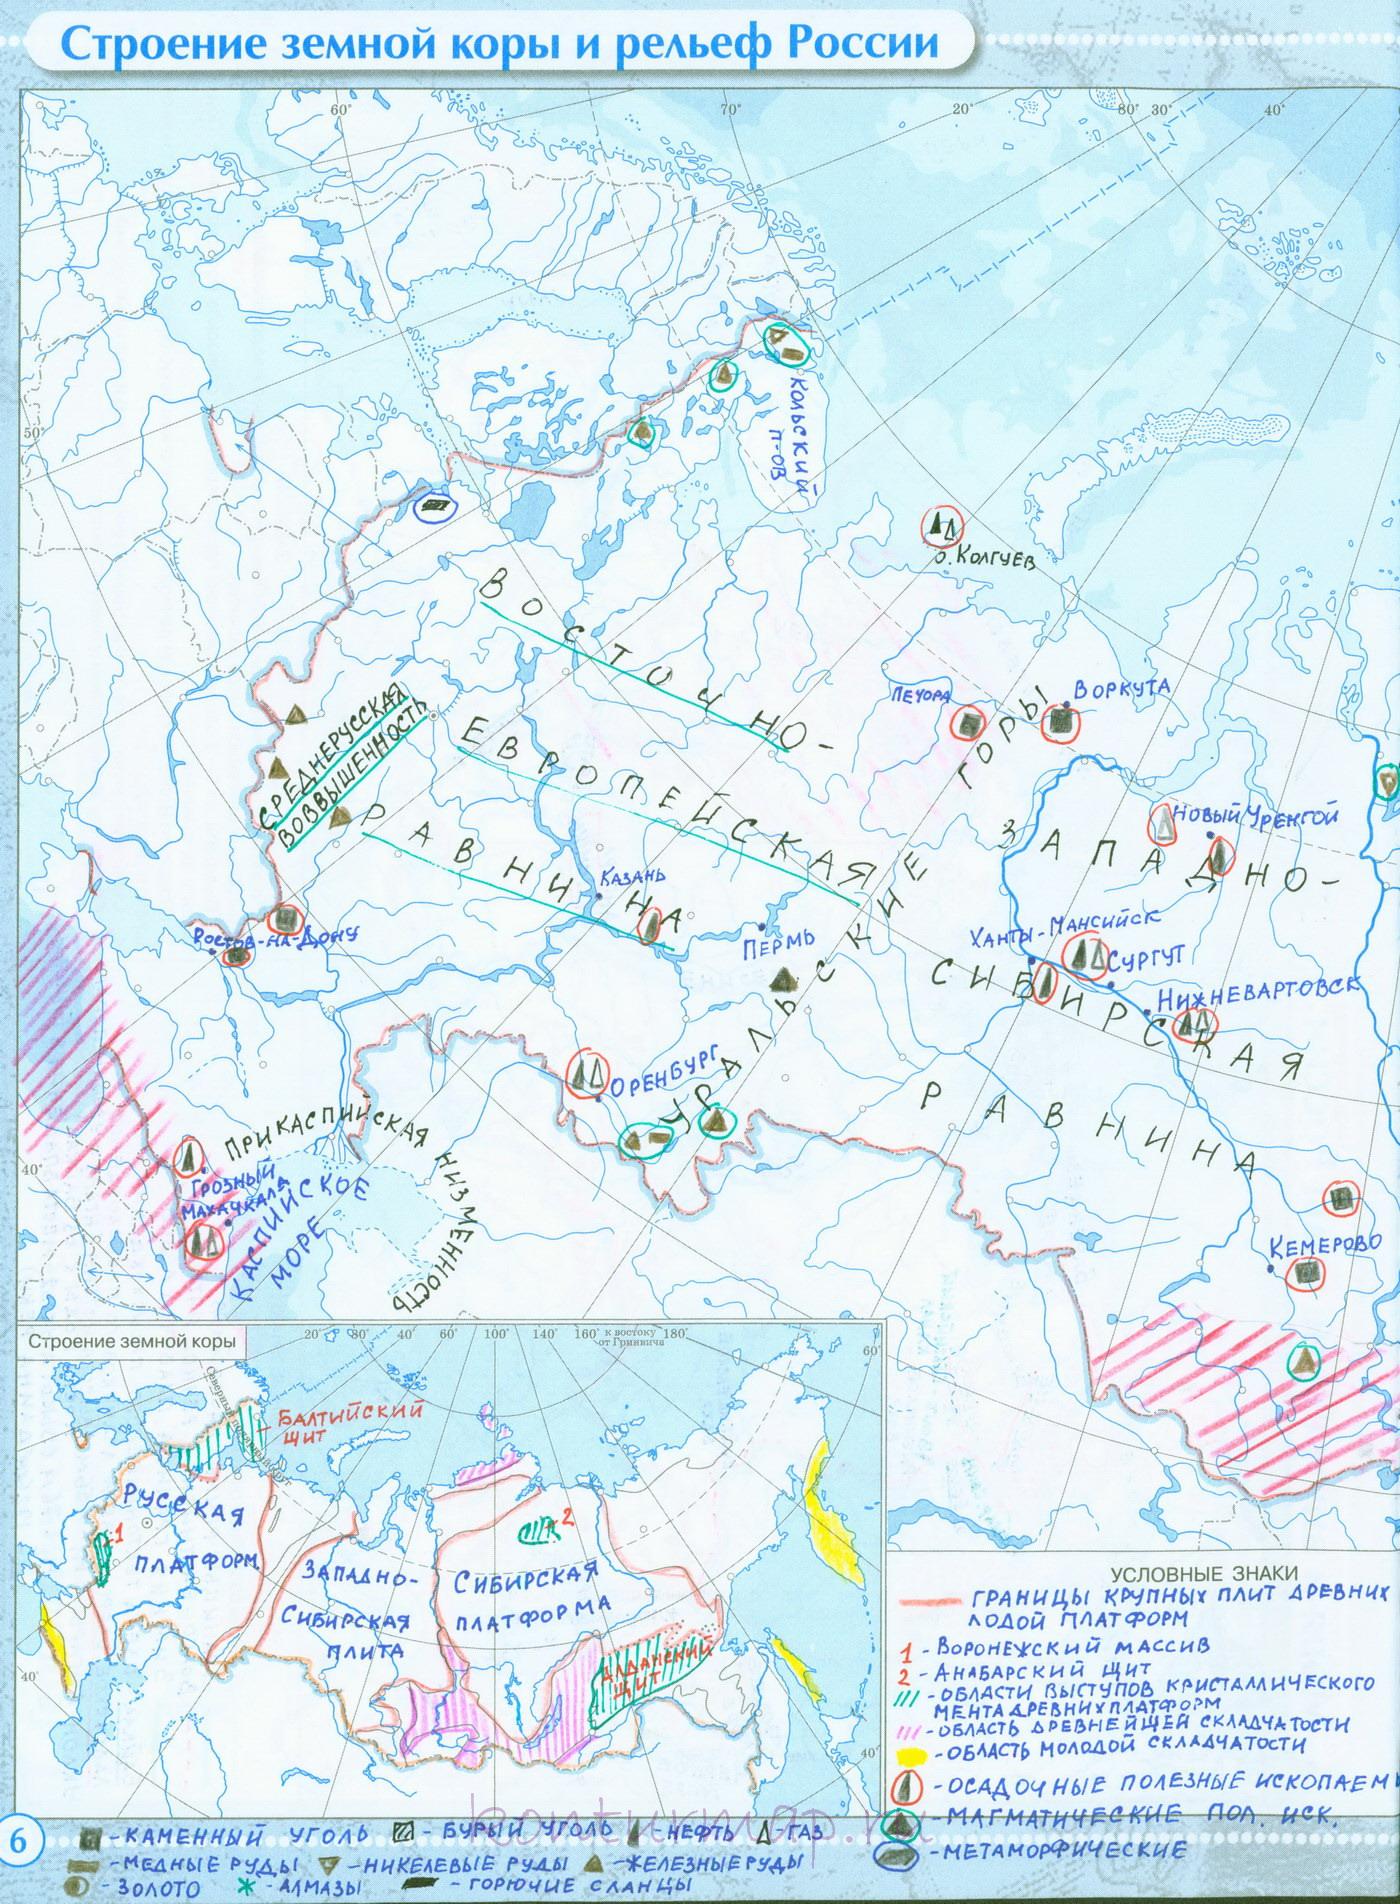 Решебник по географии контурные карты 8 класс строение земной коры и рельеф россии